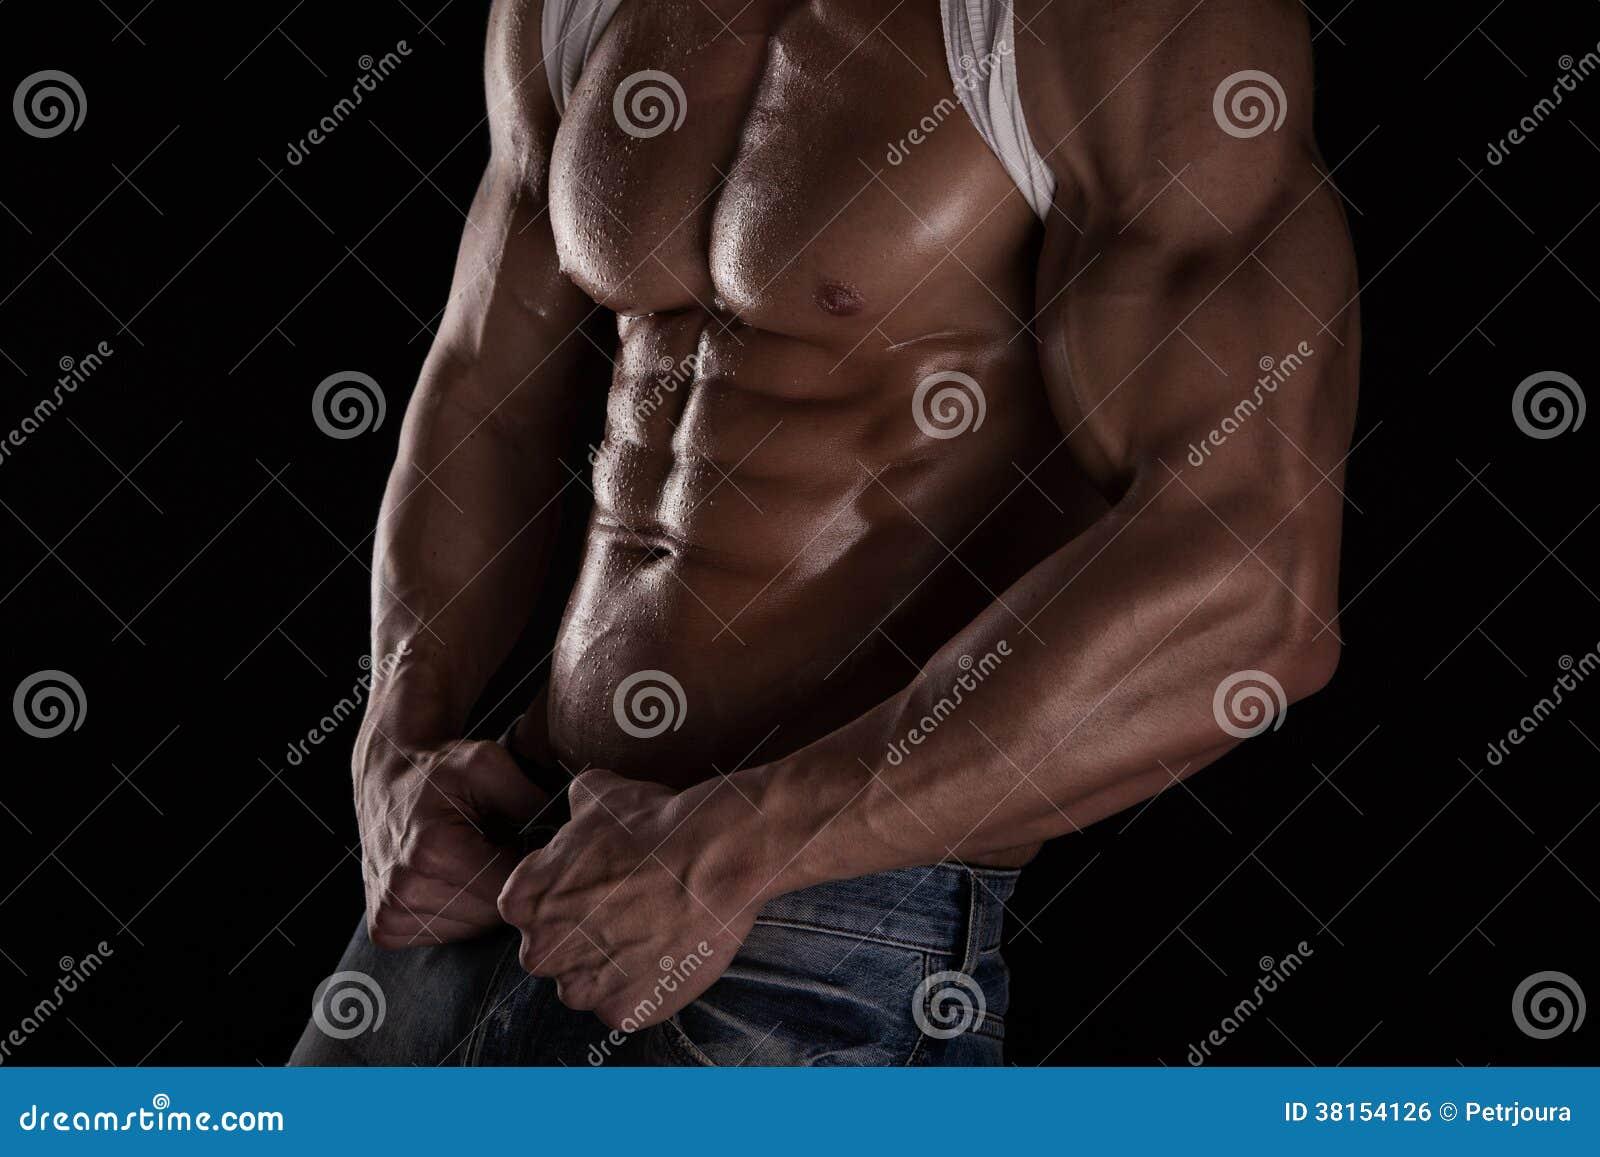 Sterke Atletische Mensengeschiktheid ModelTorso die zes pakkenabs tonen.